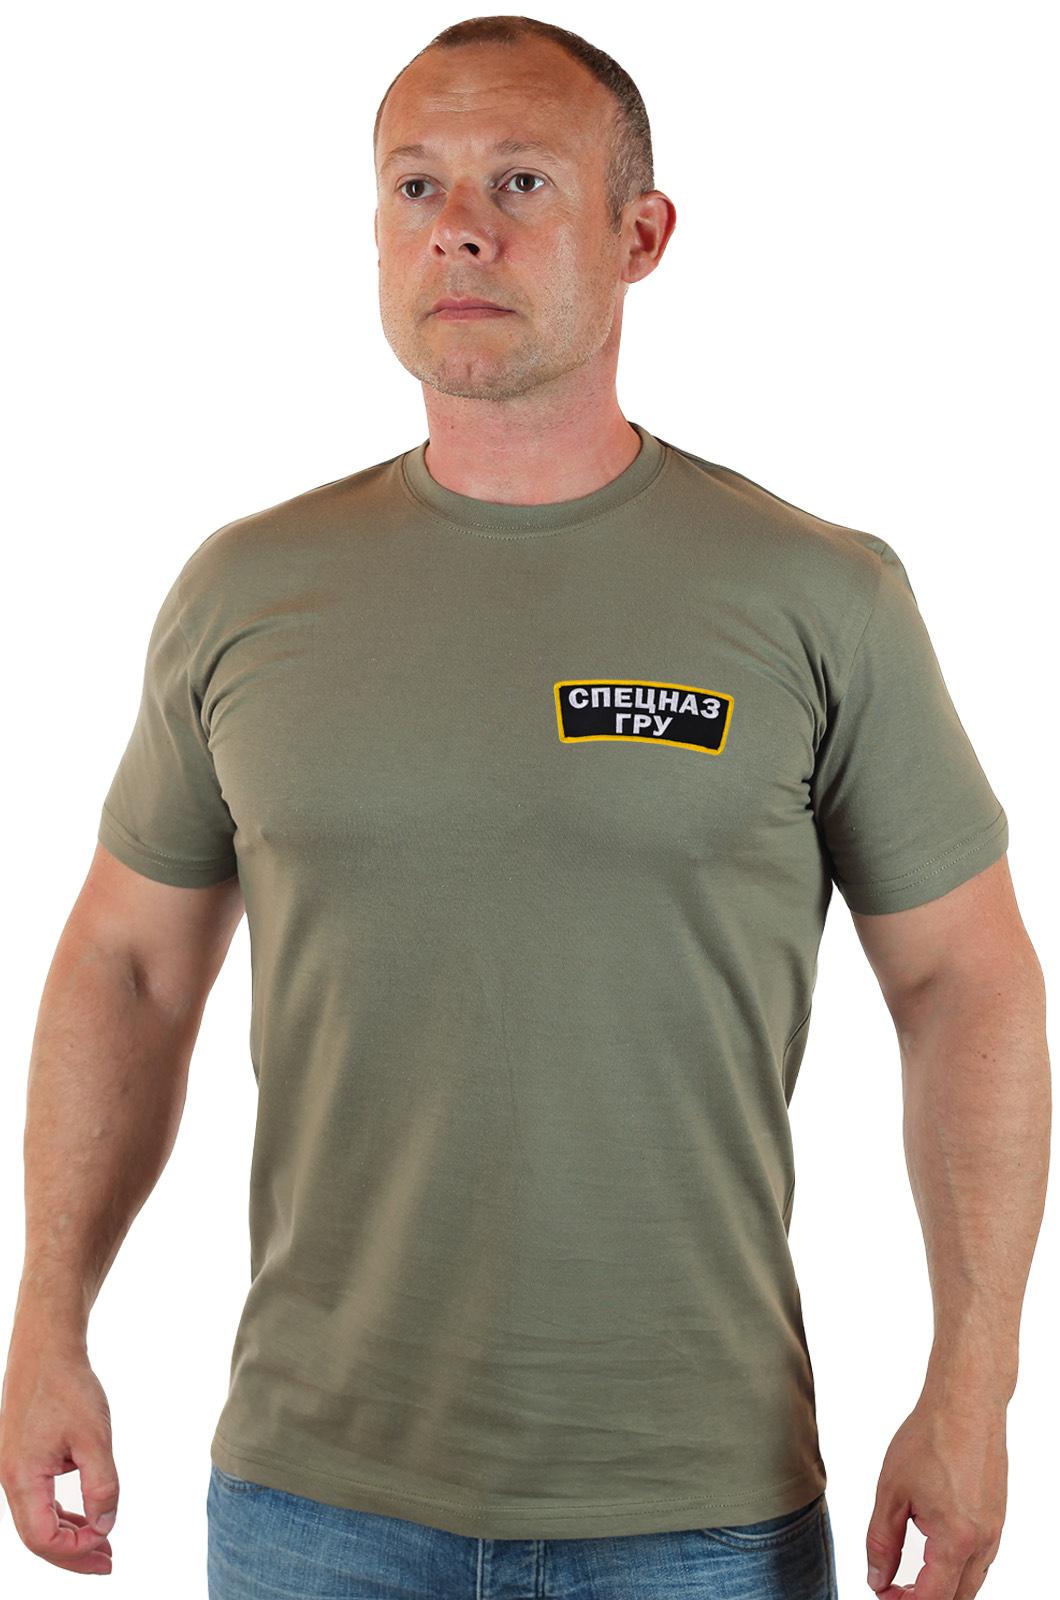 Купить в интернет магазине армейскую футболку Спецназа ГРУ